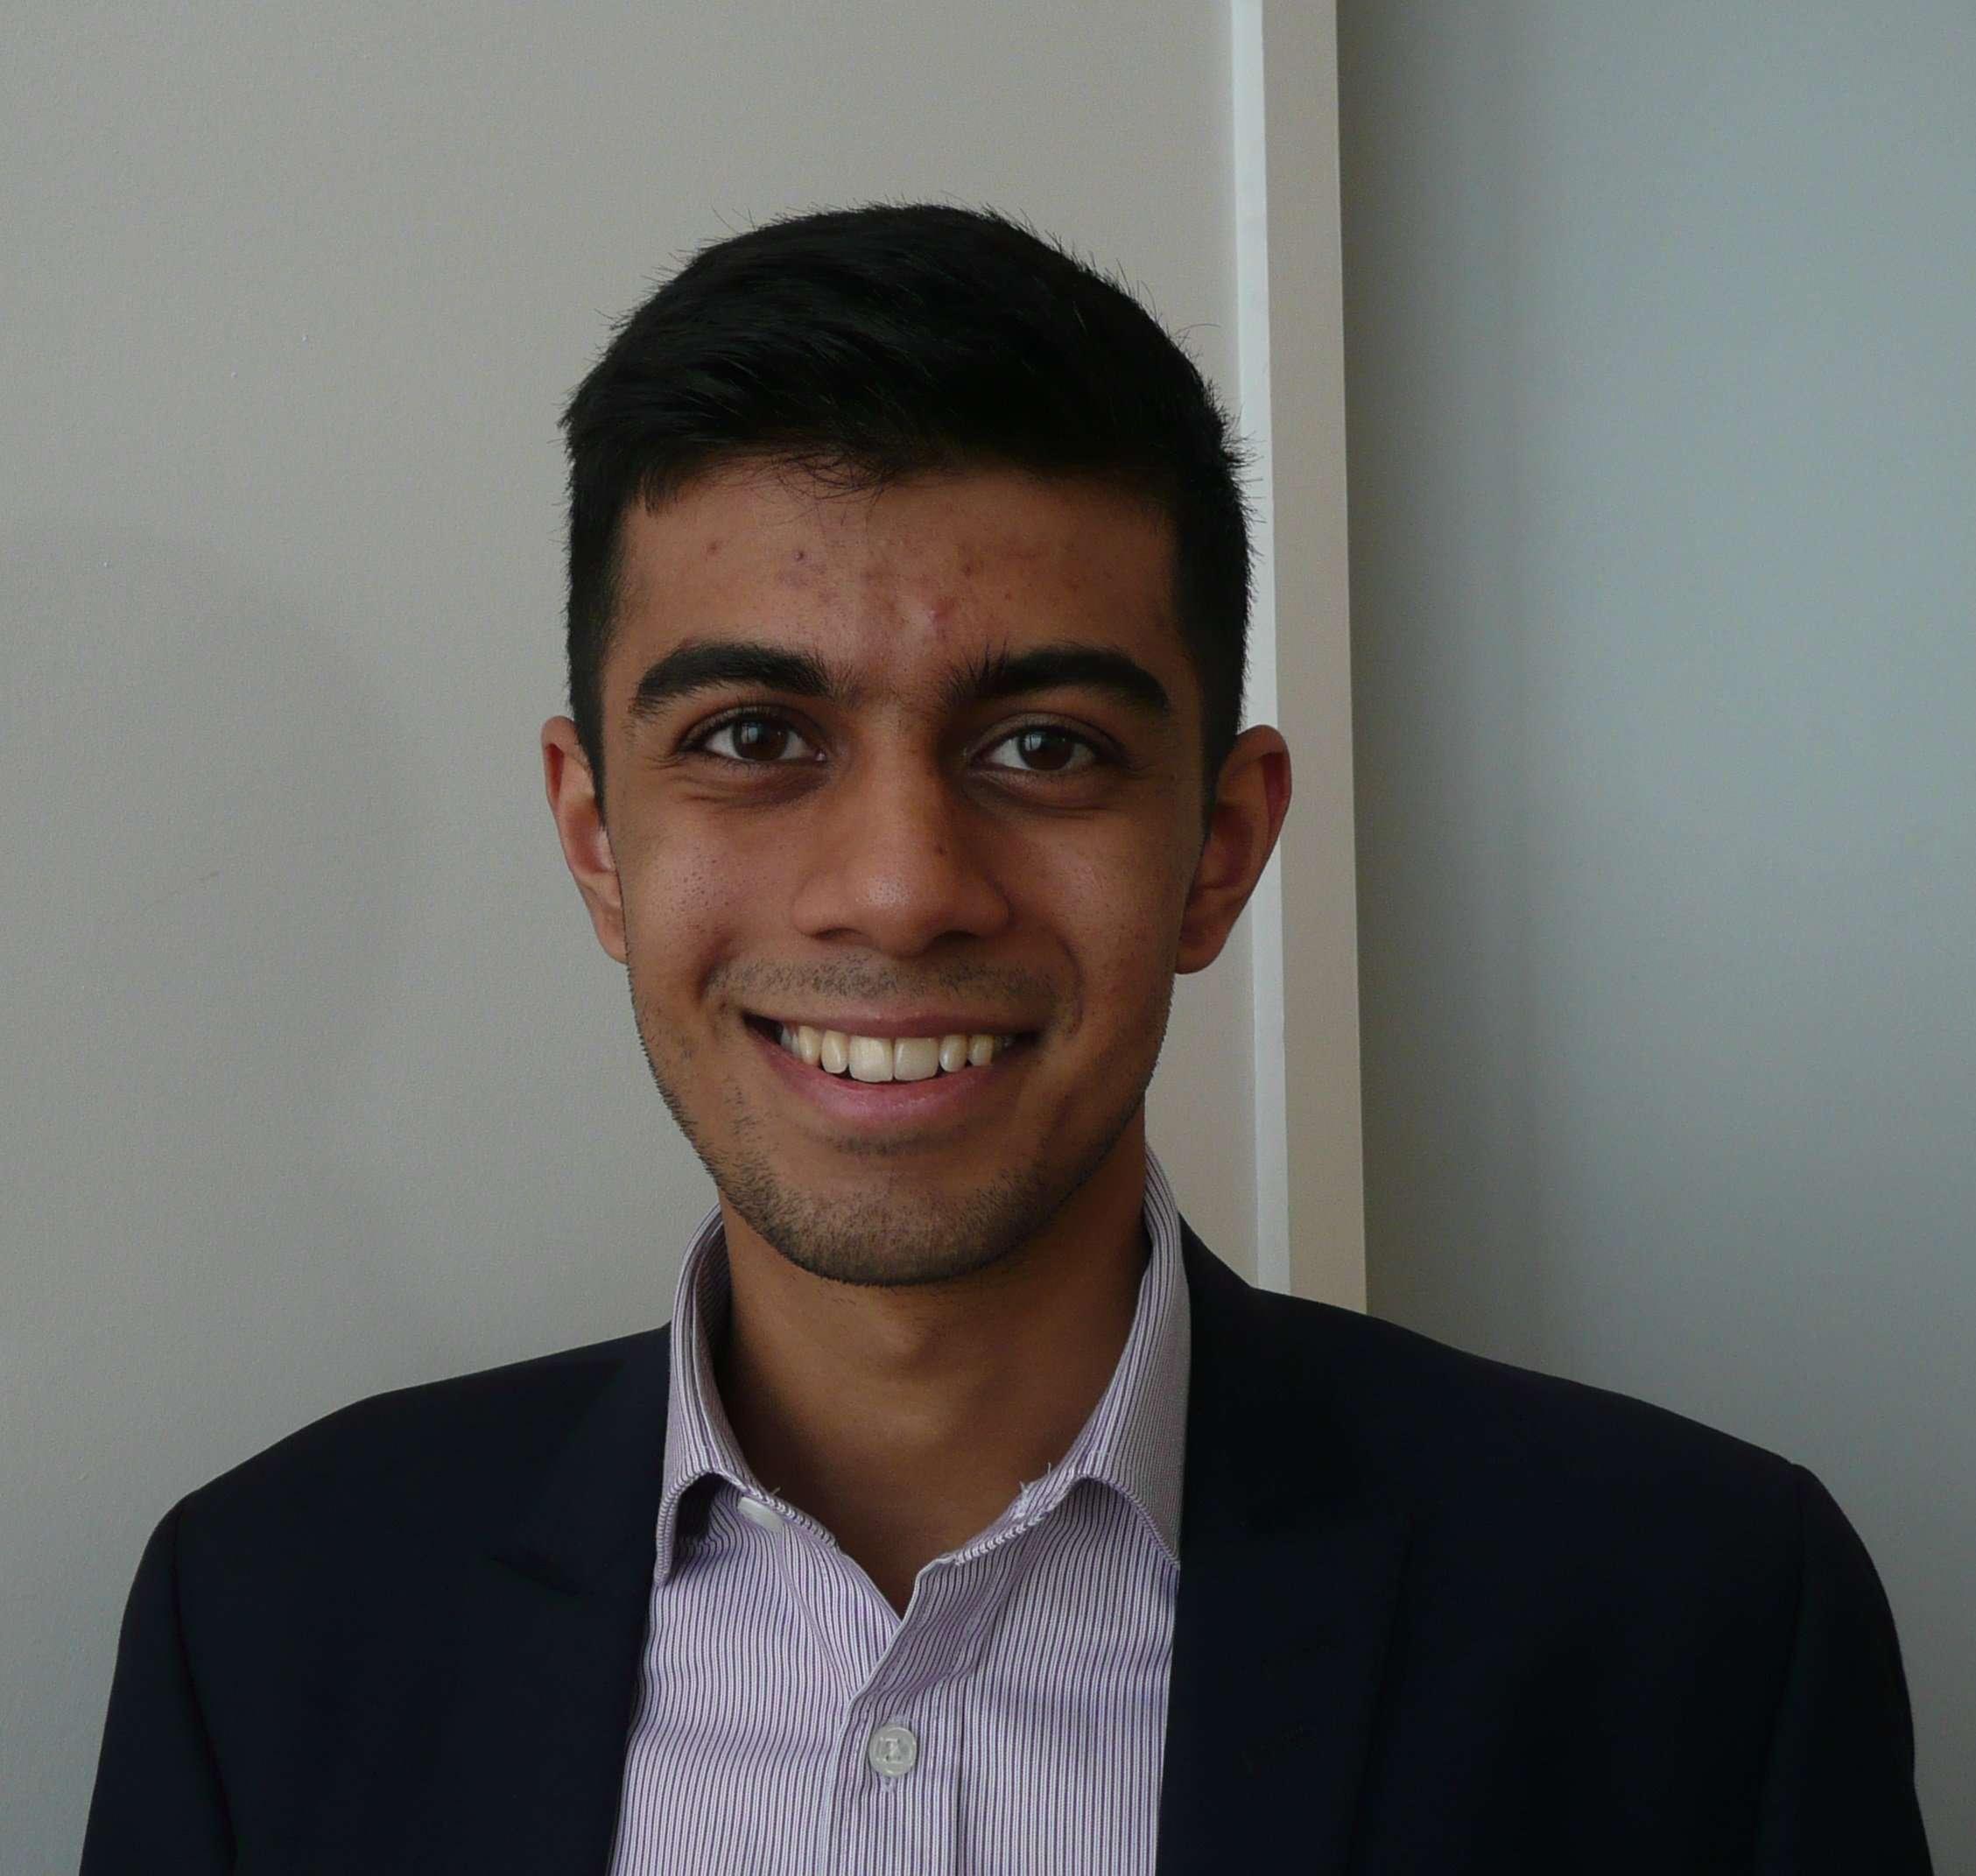 Ajay Kotecha